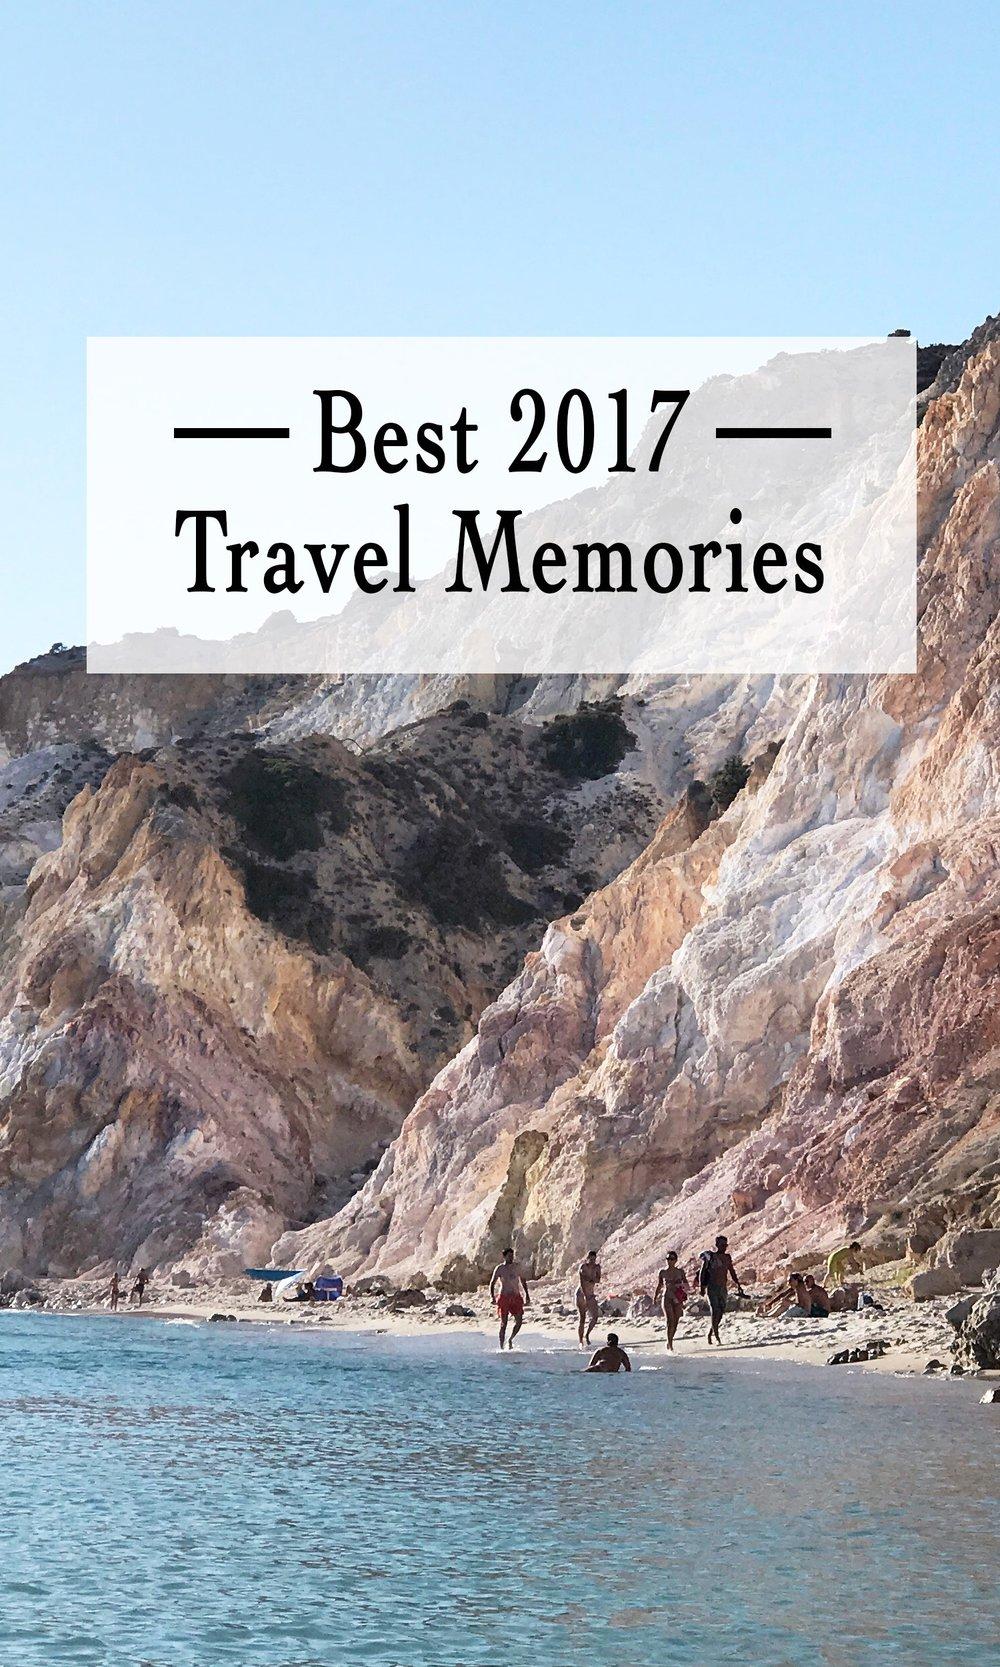 Best-Travel-Memories-2017.jpg